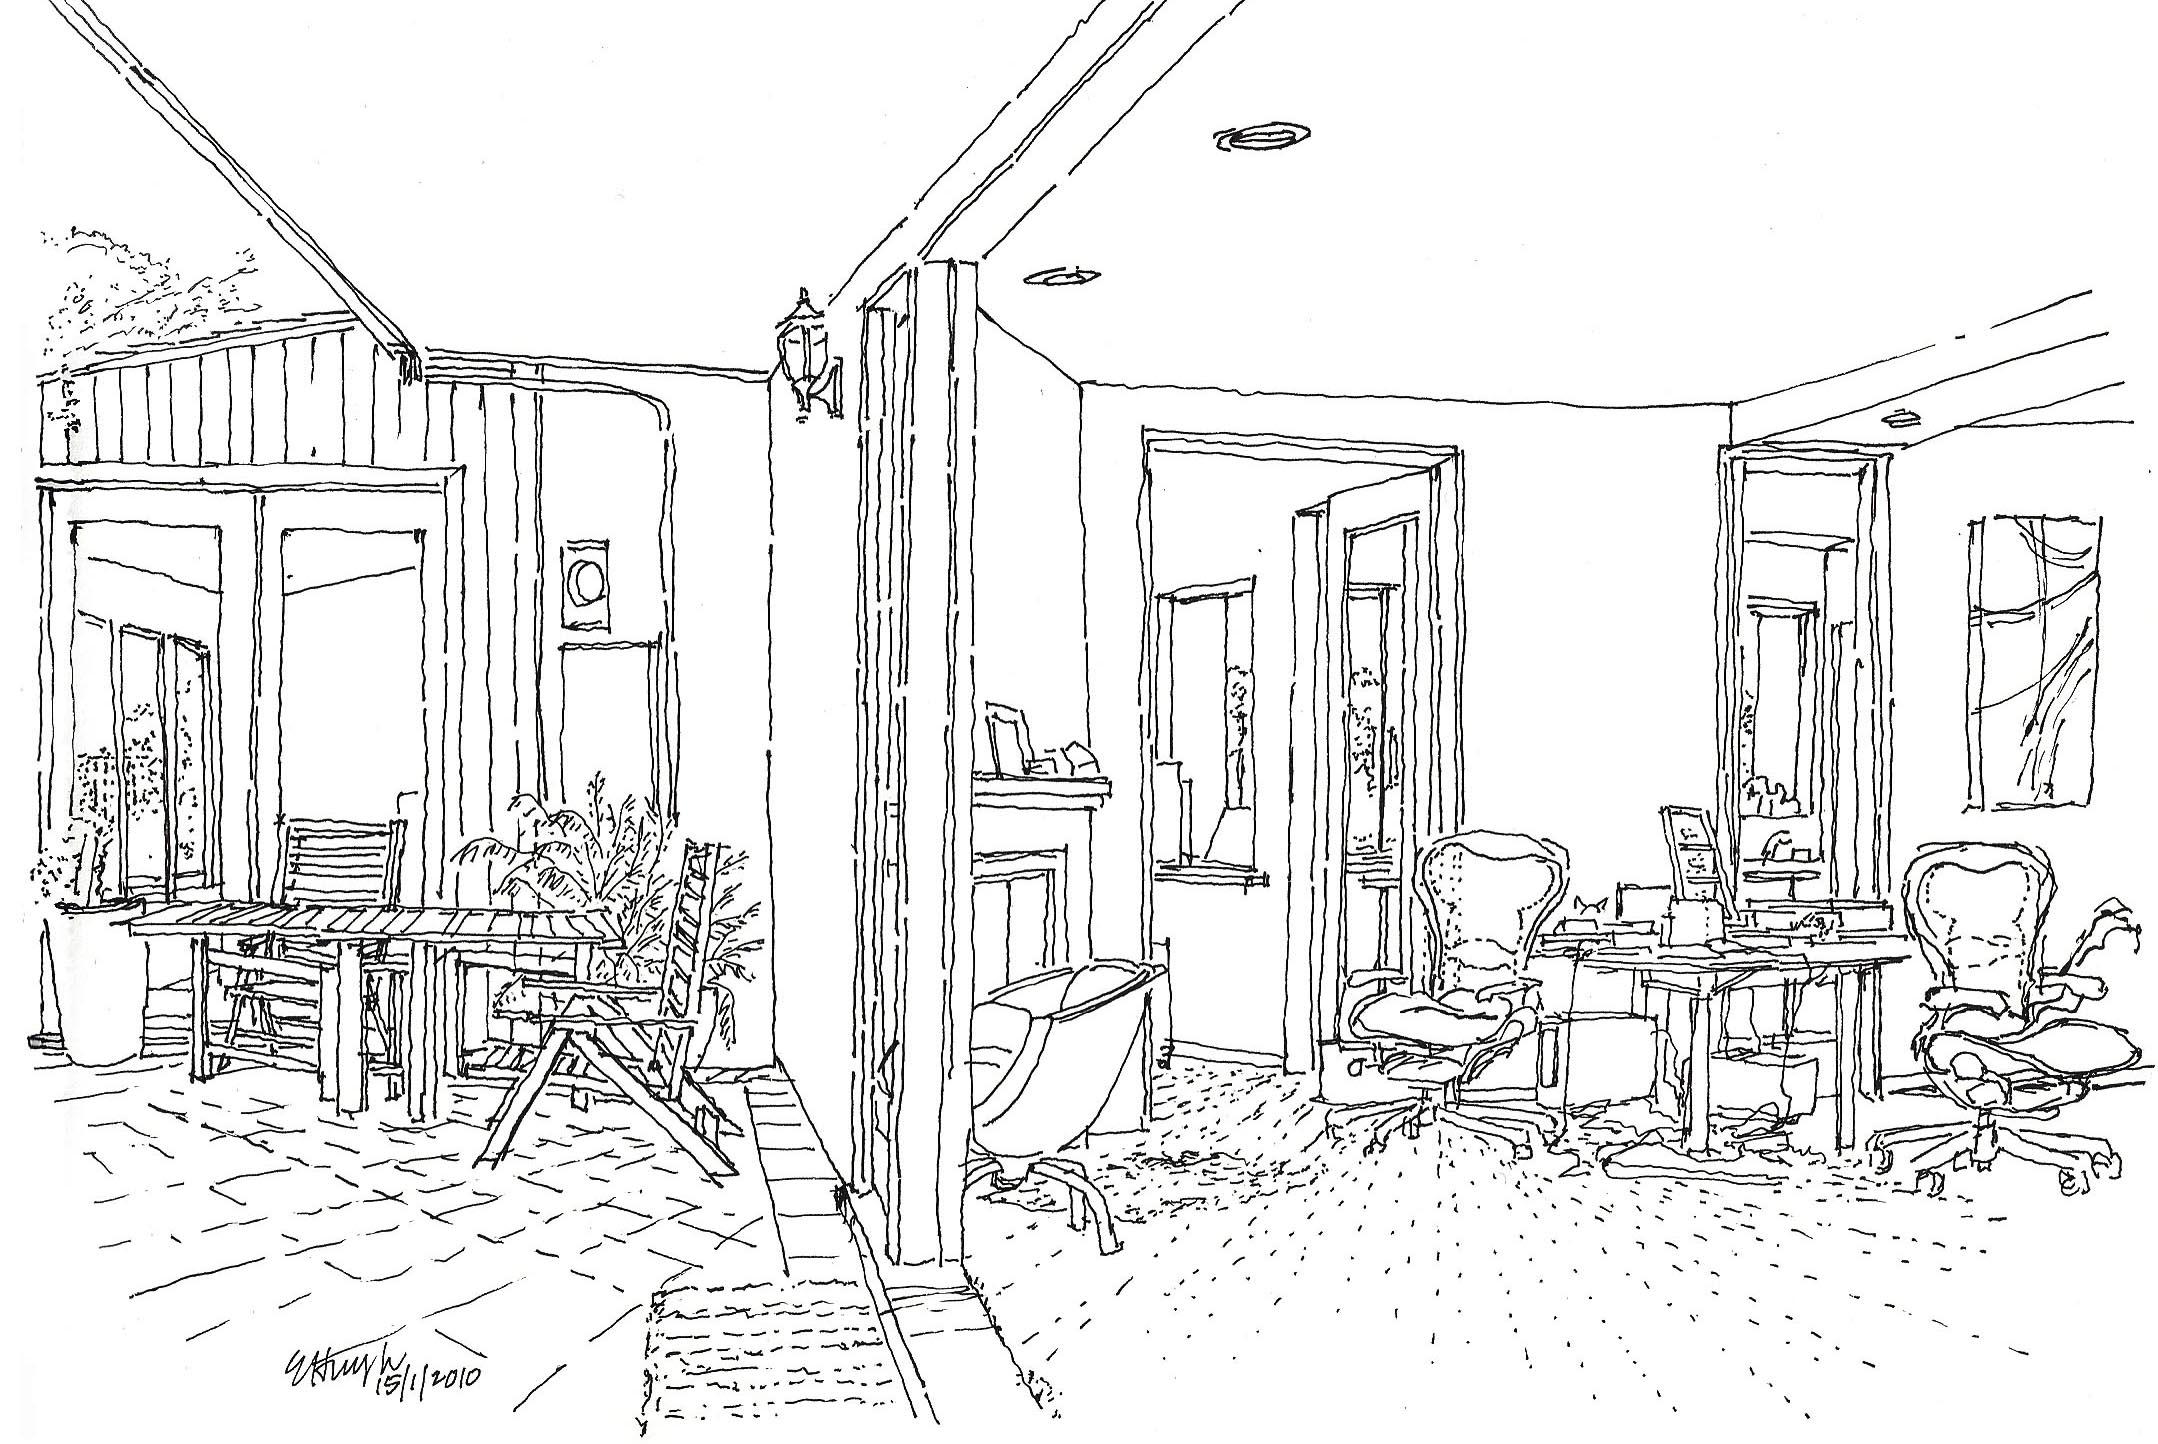 Sketchingjourney S Blog